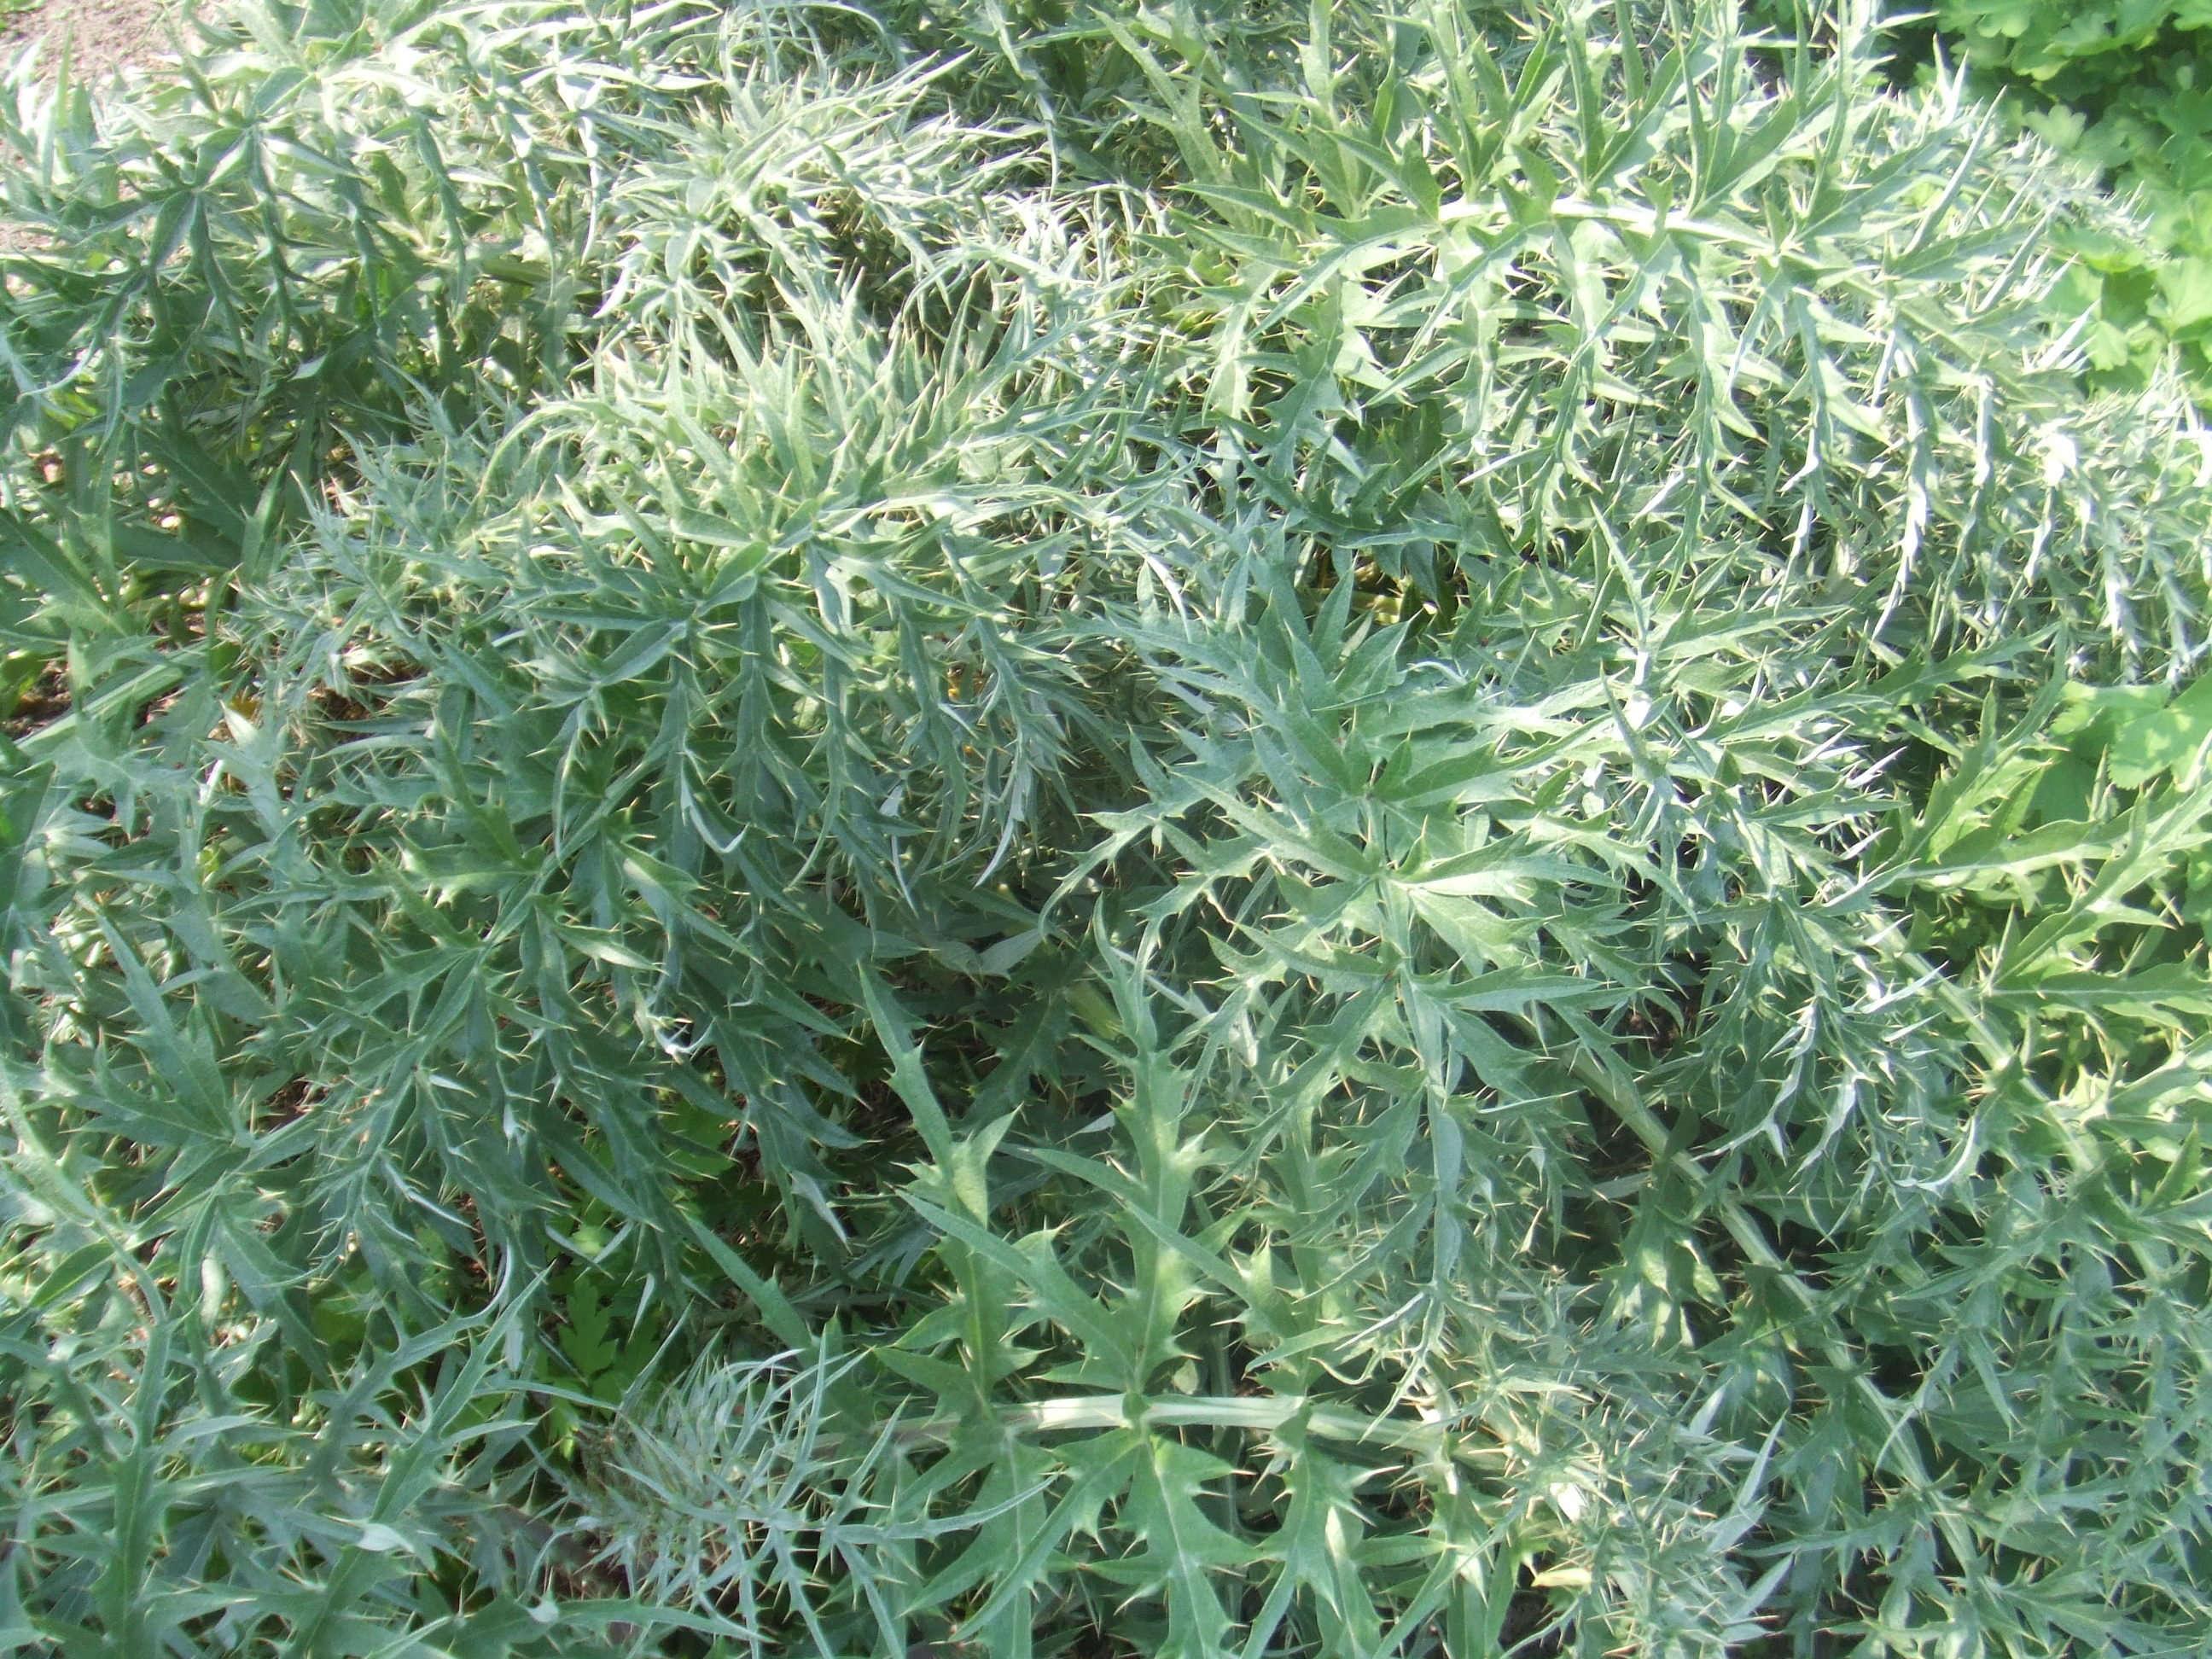 cynara-cardunculus-leaves-globe-artichoke-hans-b-wikimedia